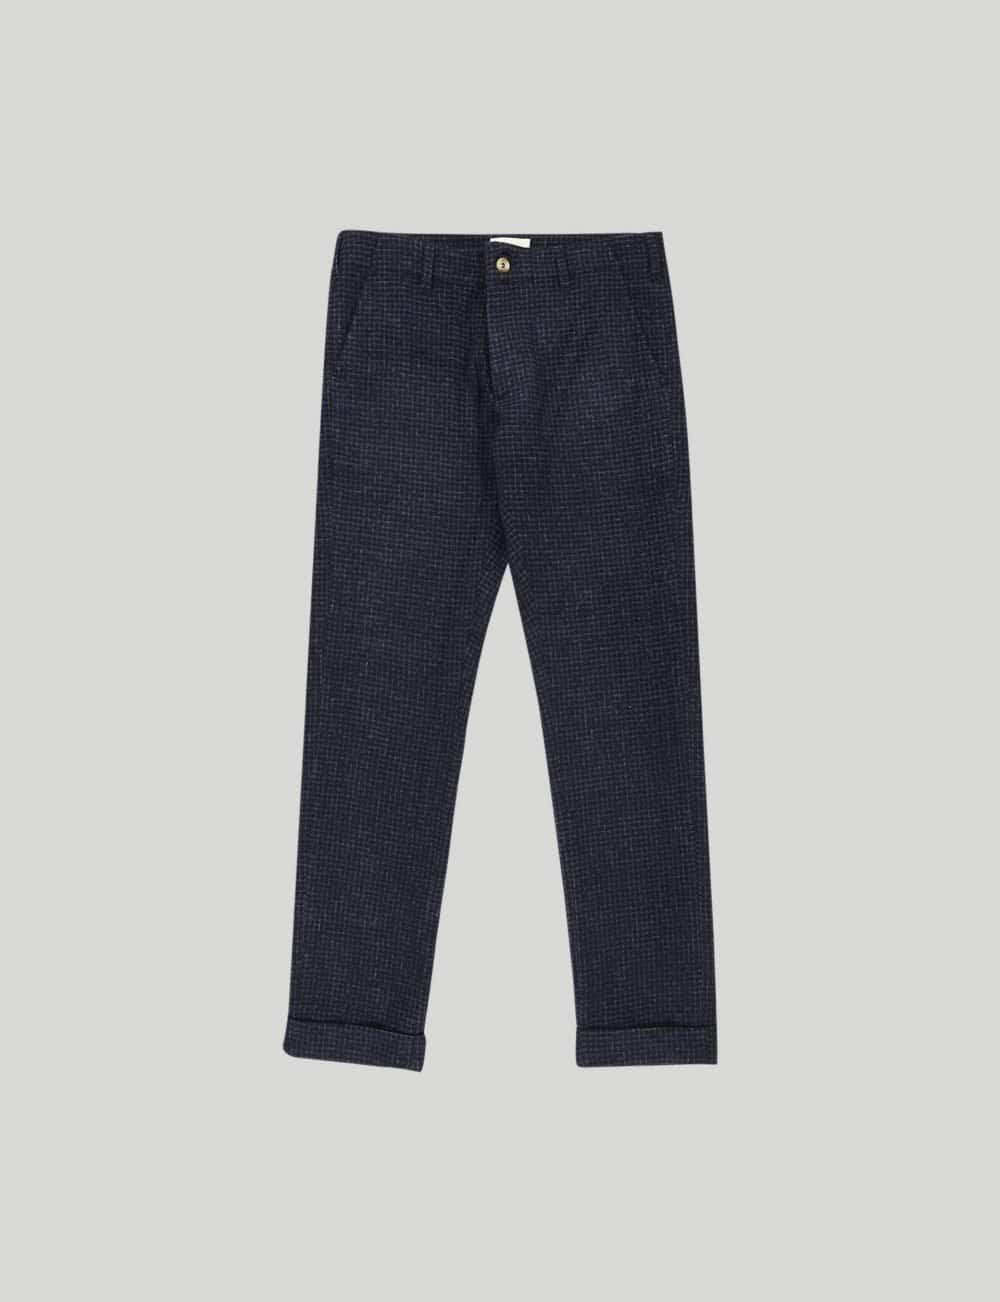 Castart - Chanterelle Pants - Navy